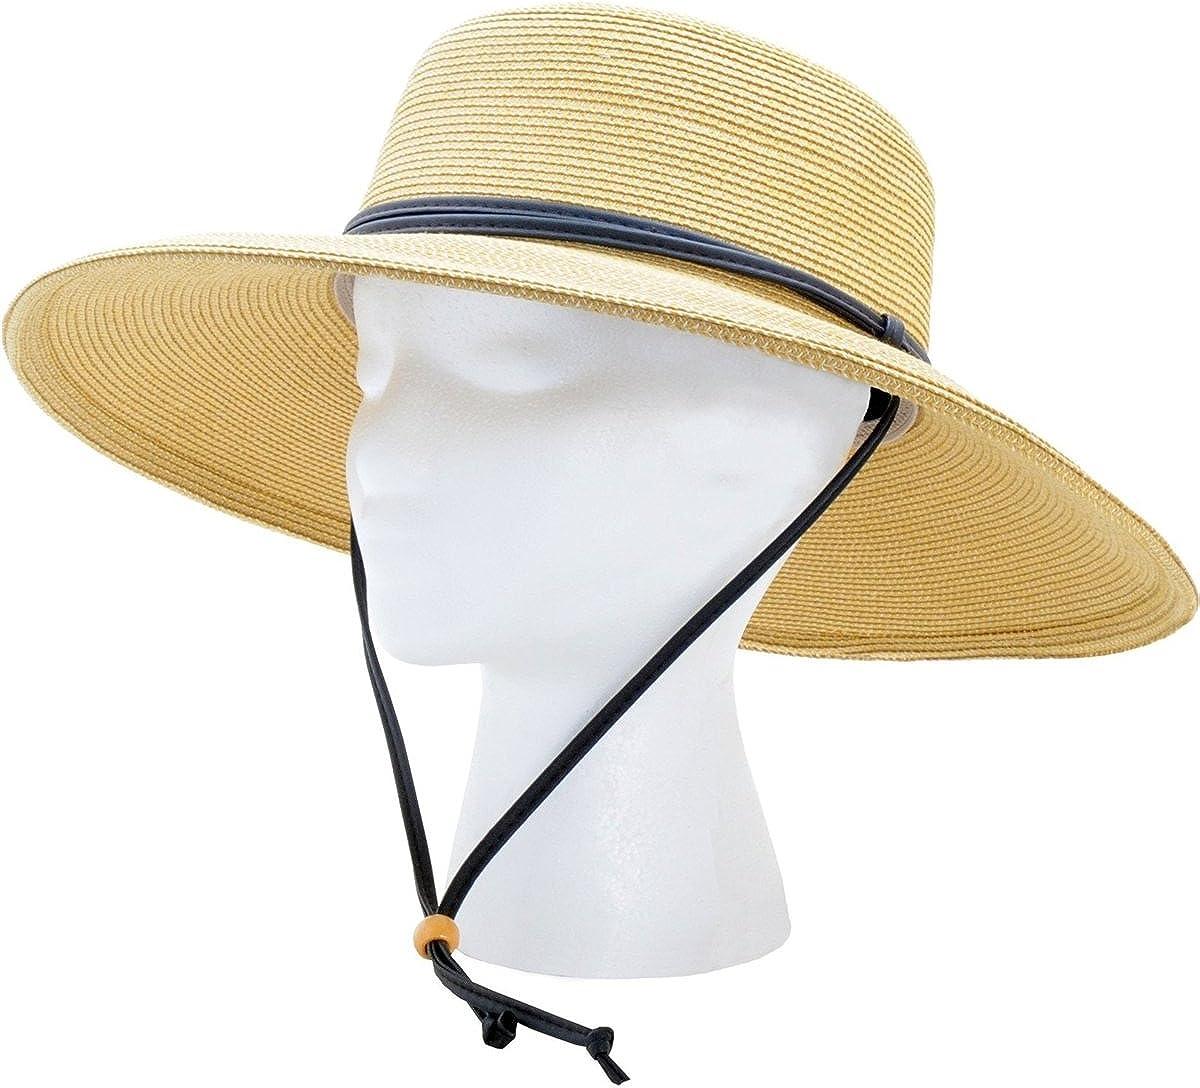 Sloggers Women's Wide Brim Braided UPF 50+ Hat (Light Brown)